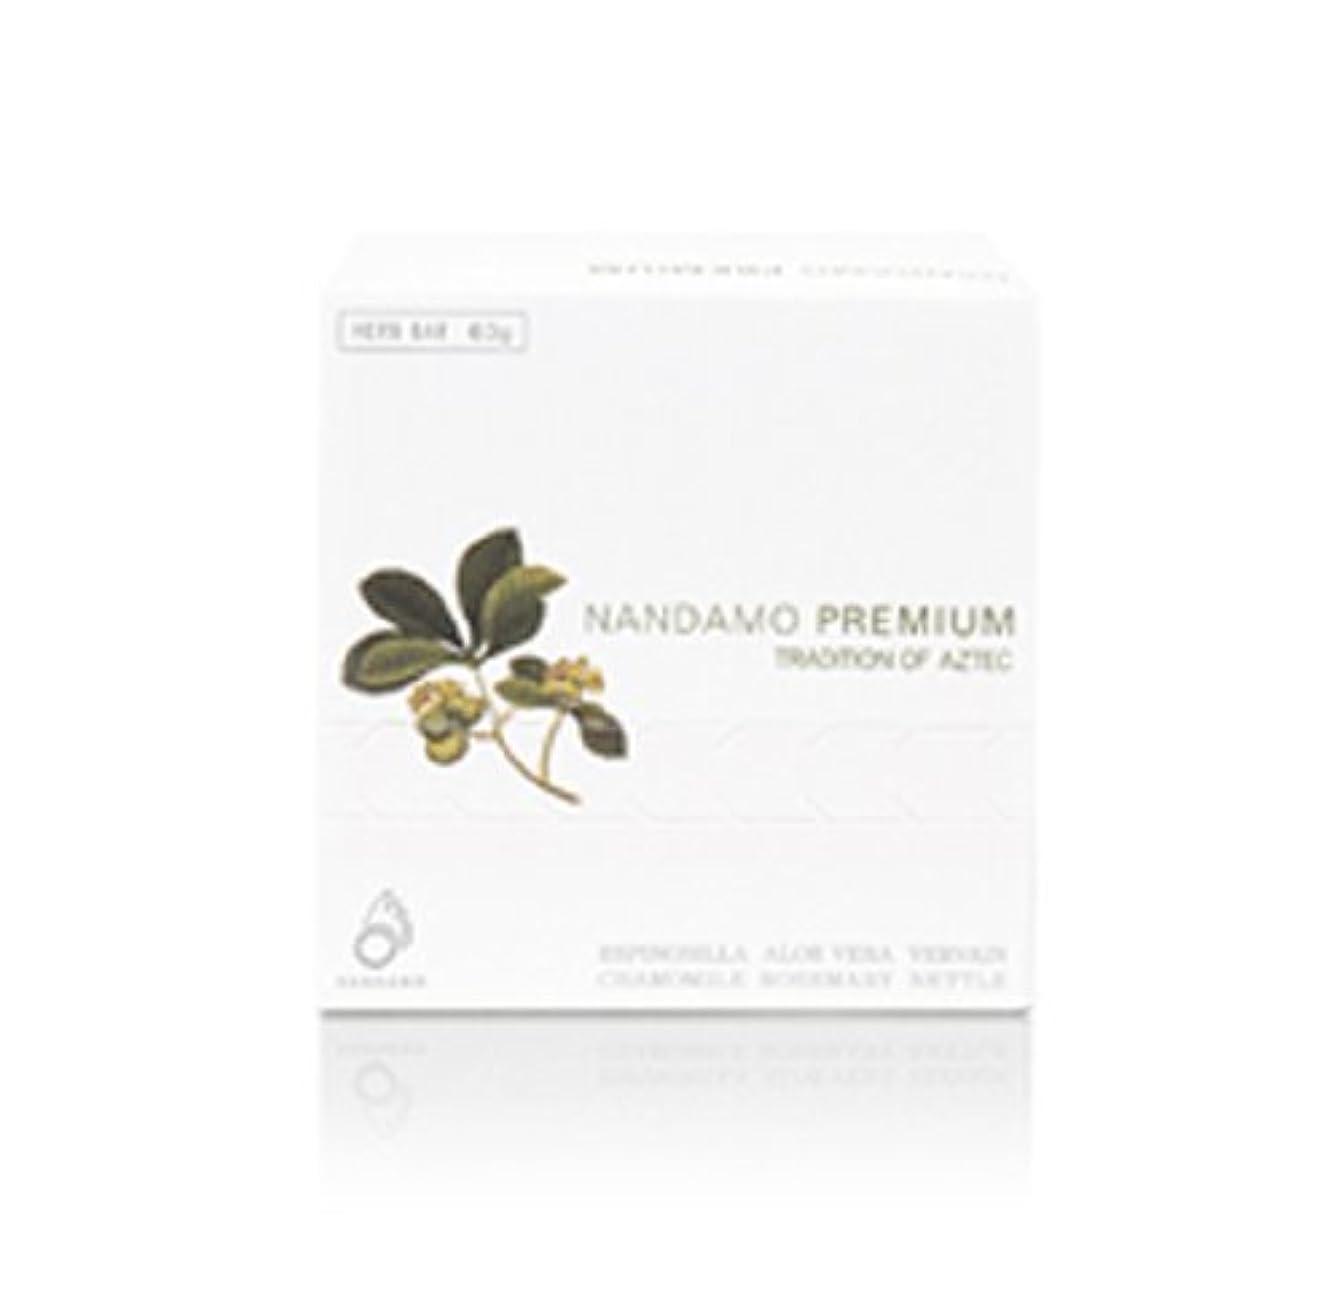 便利さ抽象反対したNANDAMO PREMIUM(ナンダモプレミアム)ナンダモプレミアム60g